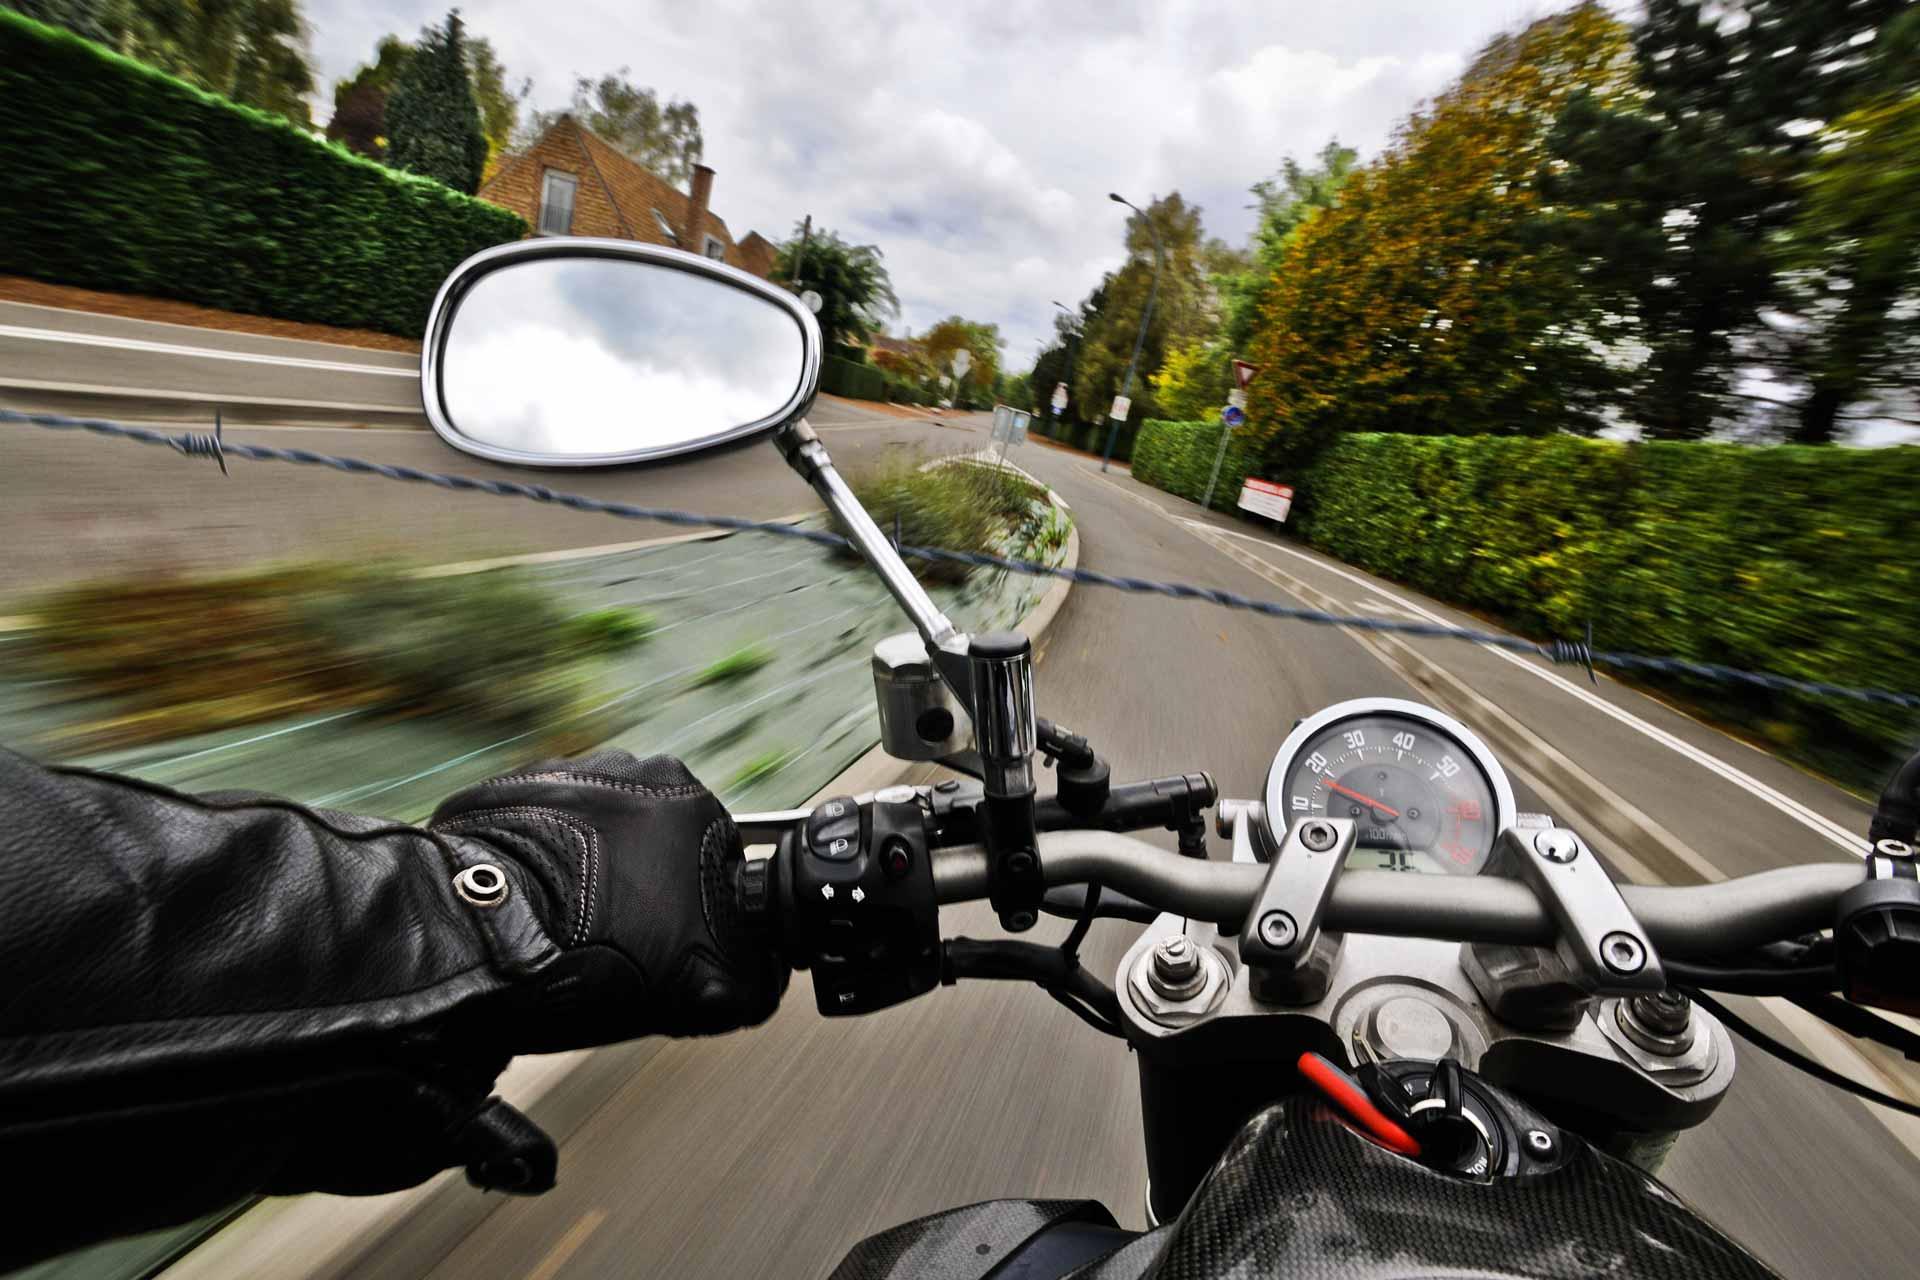 Pièges anti-motards, attention le fléau se répand !